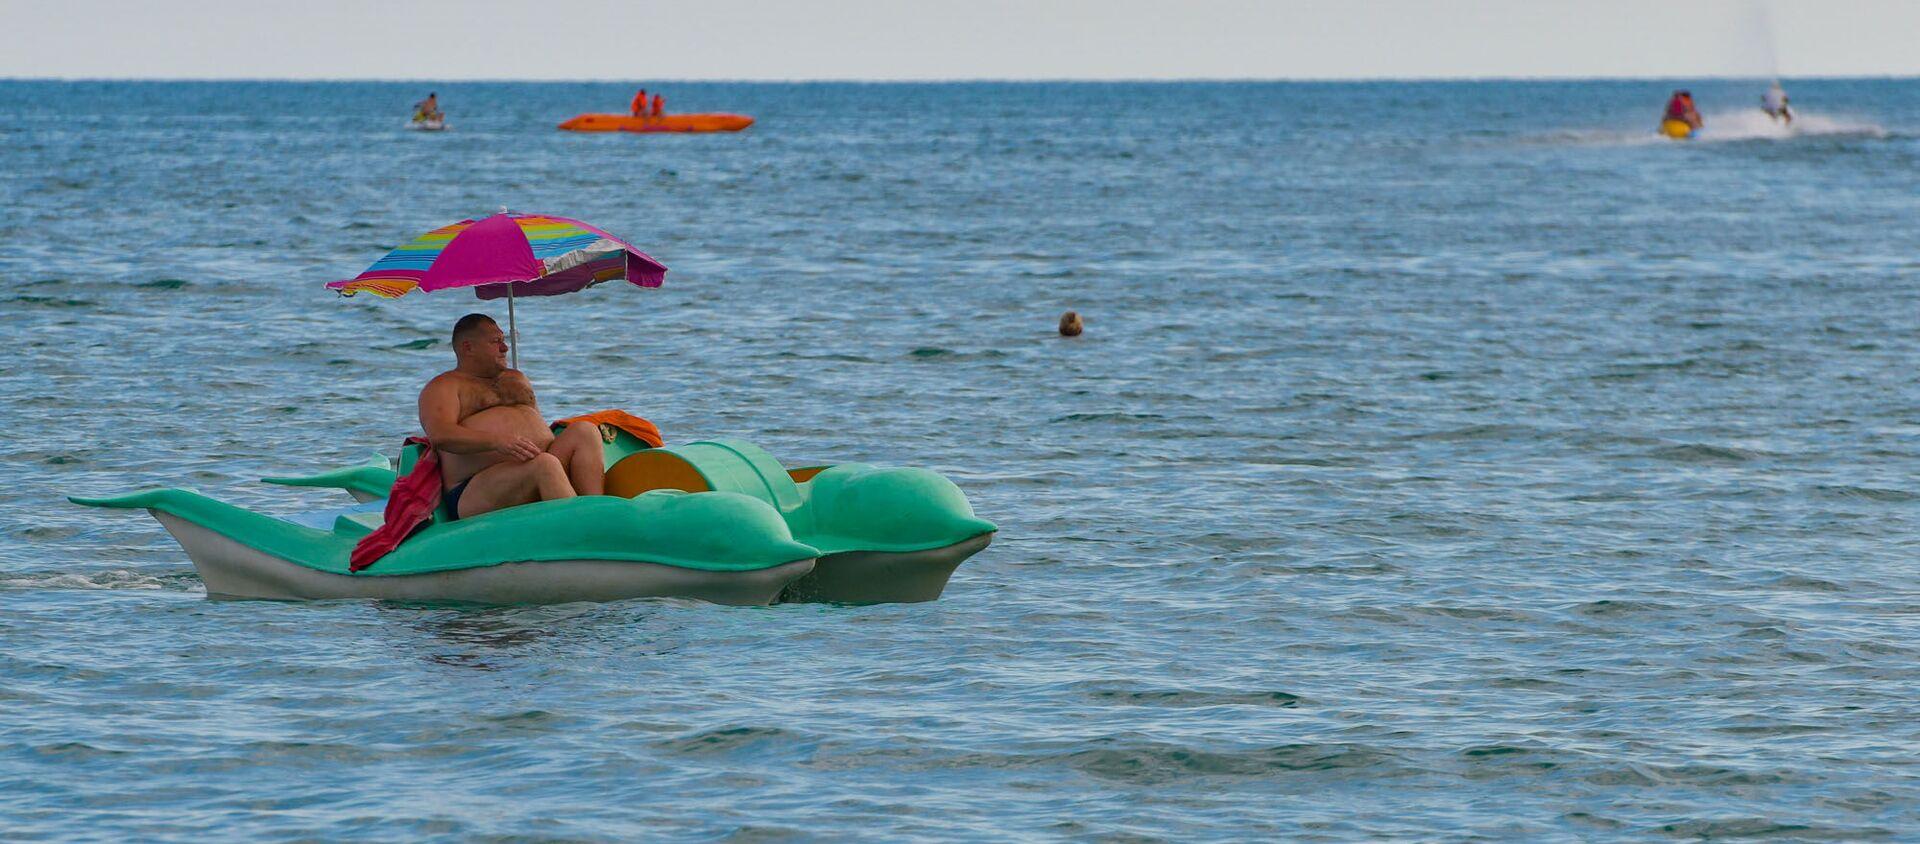 Отдых туристов на пляже Черного моря в Абхазии - Sputnik Абхазия, 1920, 03.08.2021